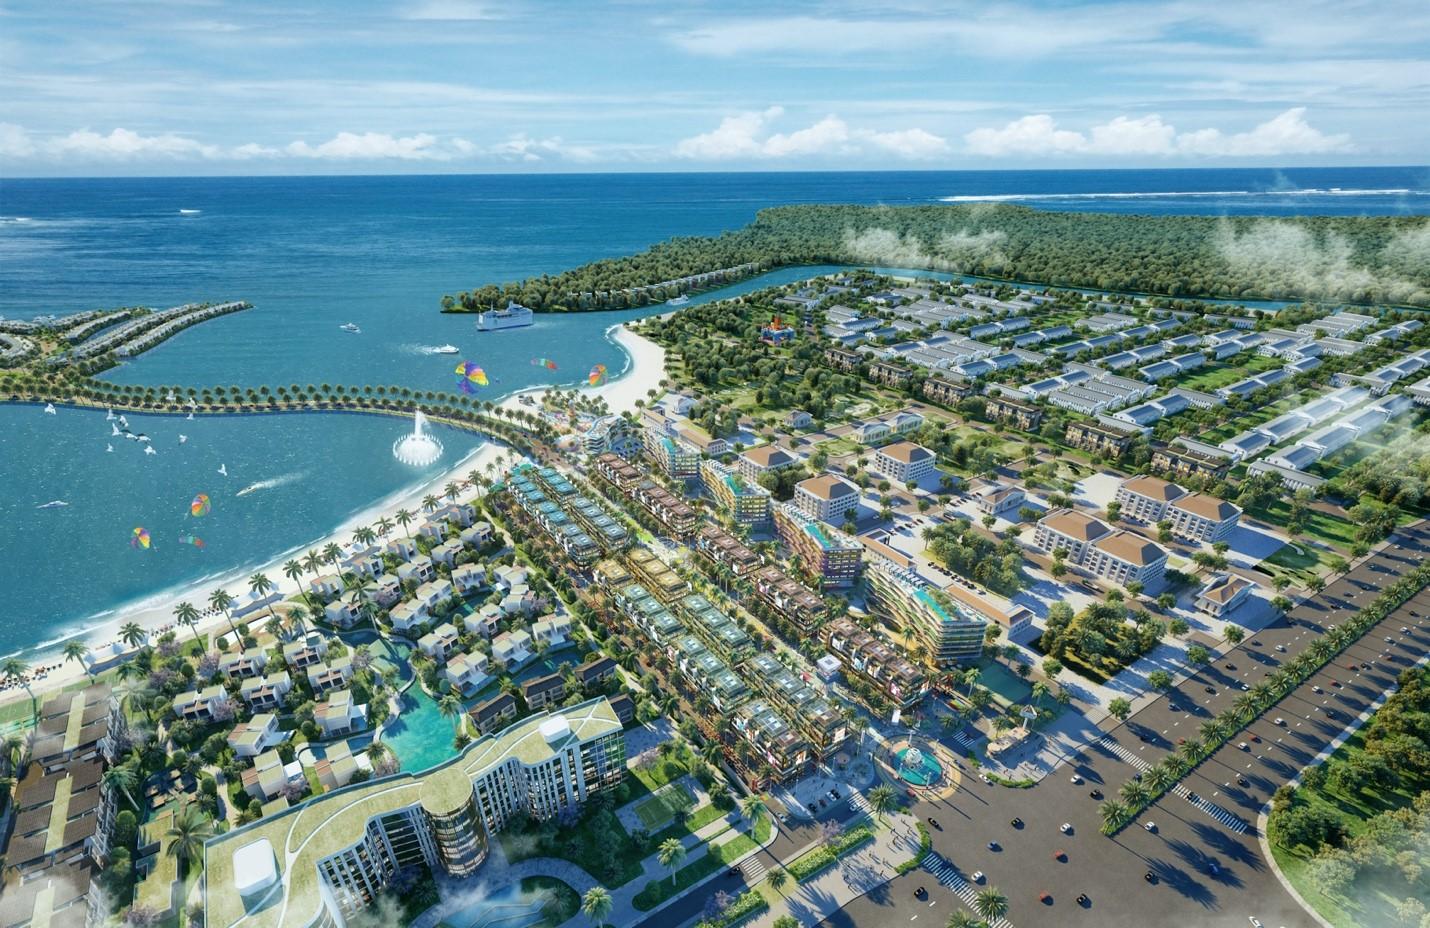 Shophouse Selashine kề cận biển, có khả năng thu hút nhiều khách du lịch. Ảnh phối cảnh: TTC Phú Quốc.